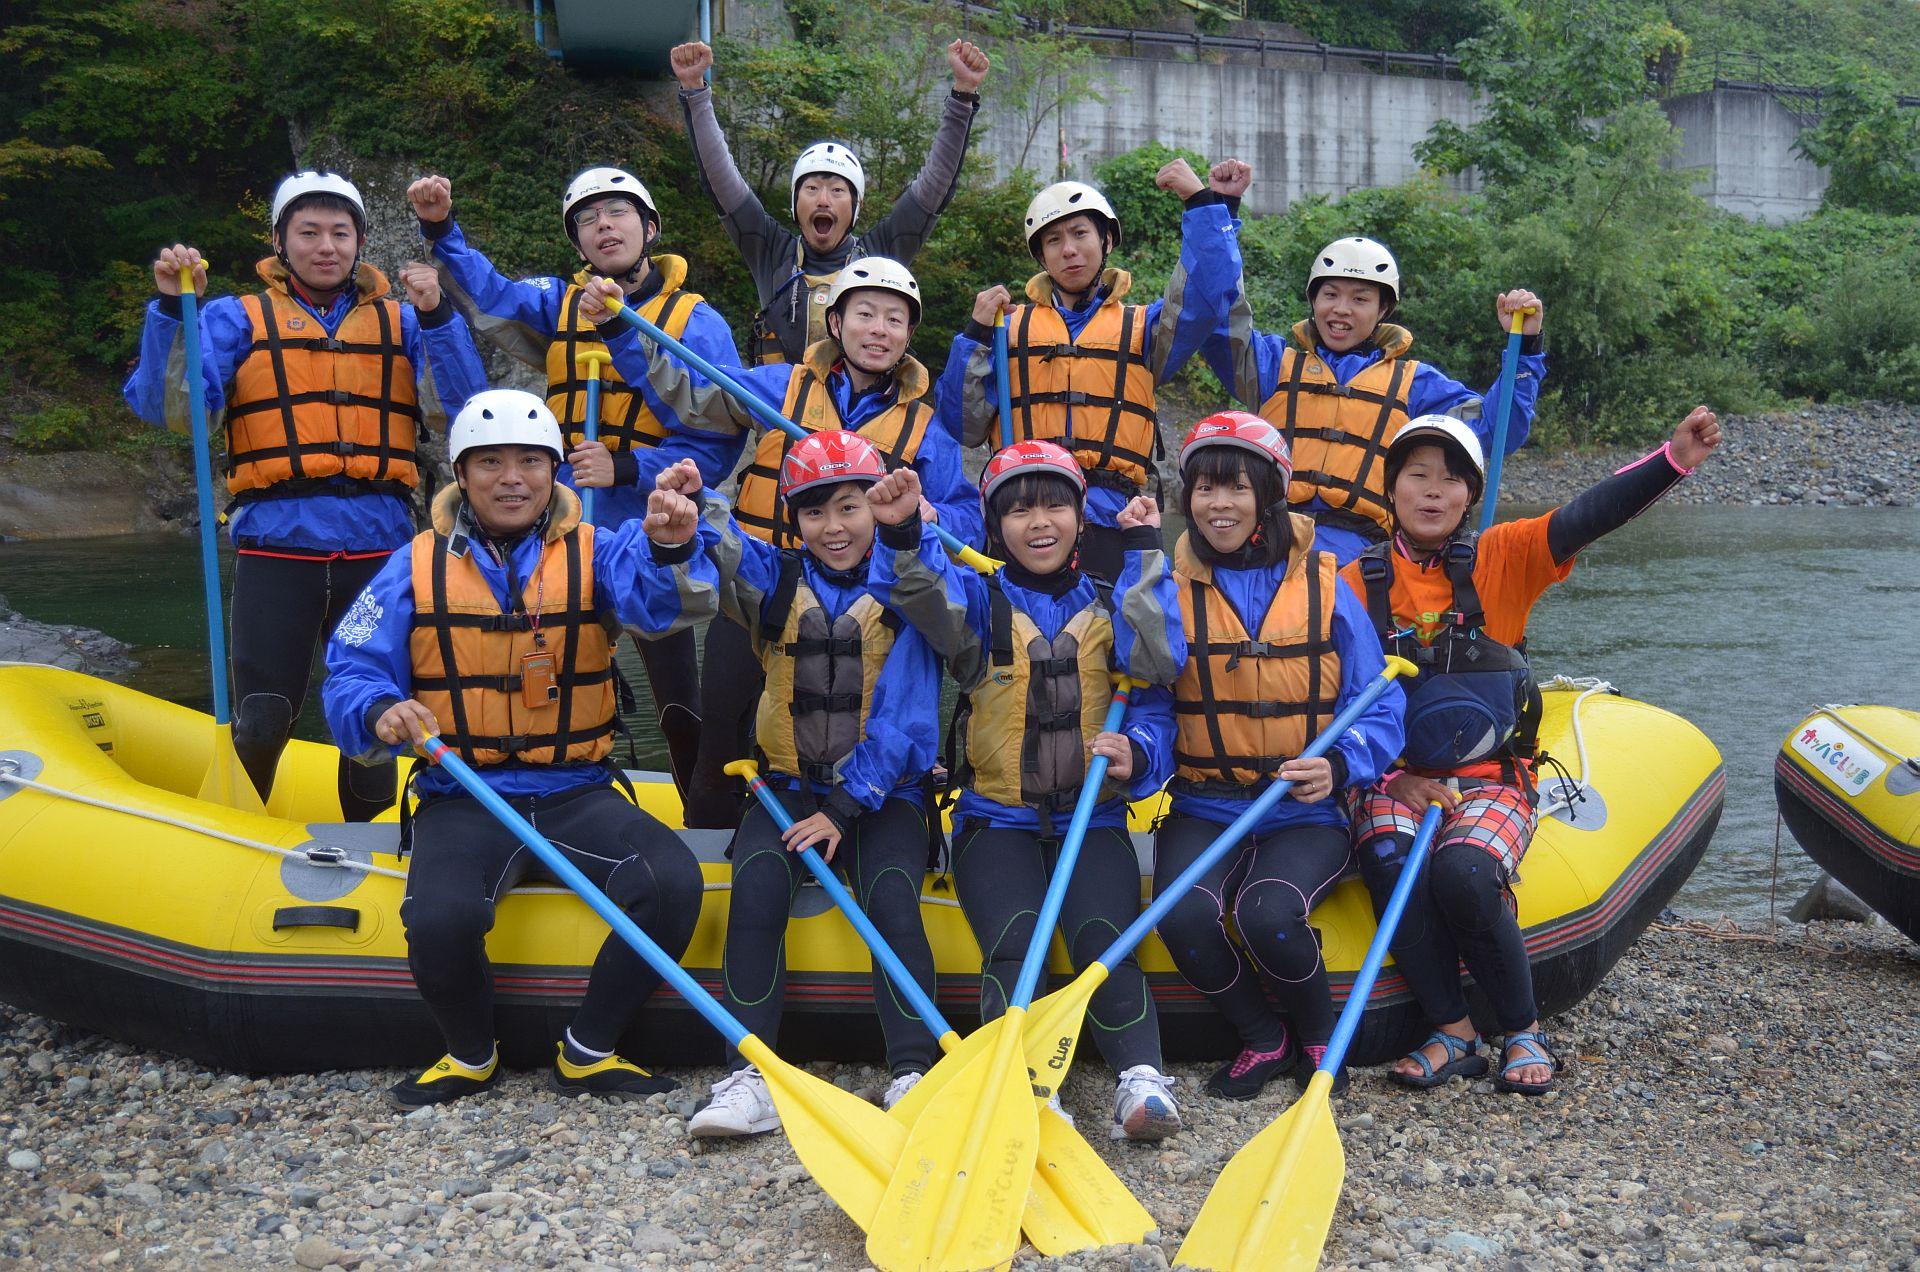 嵐の前に漕ぎ出せ元気よく!!10月13日(月)カッパCLUBツアー